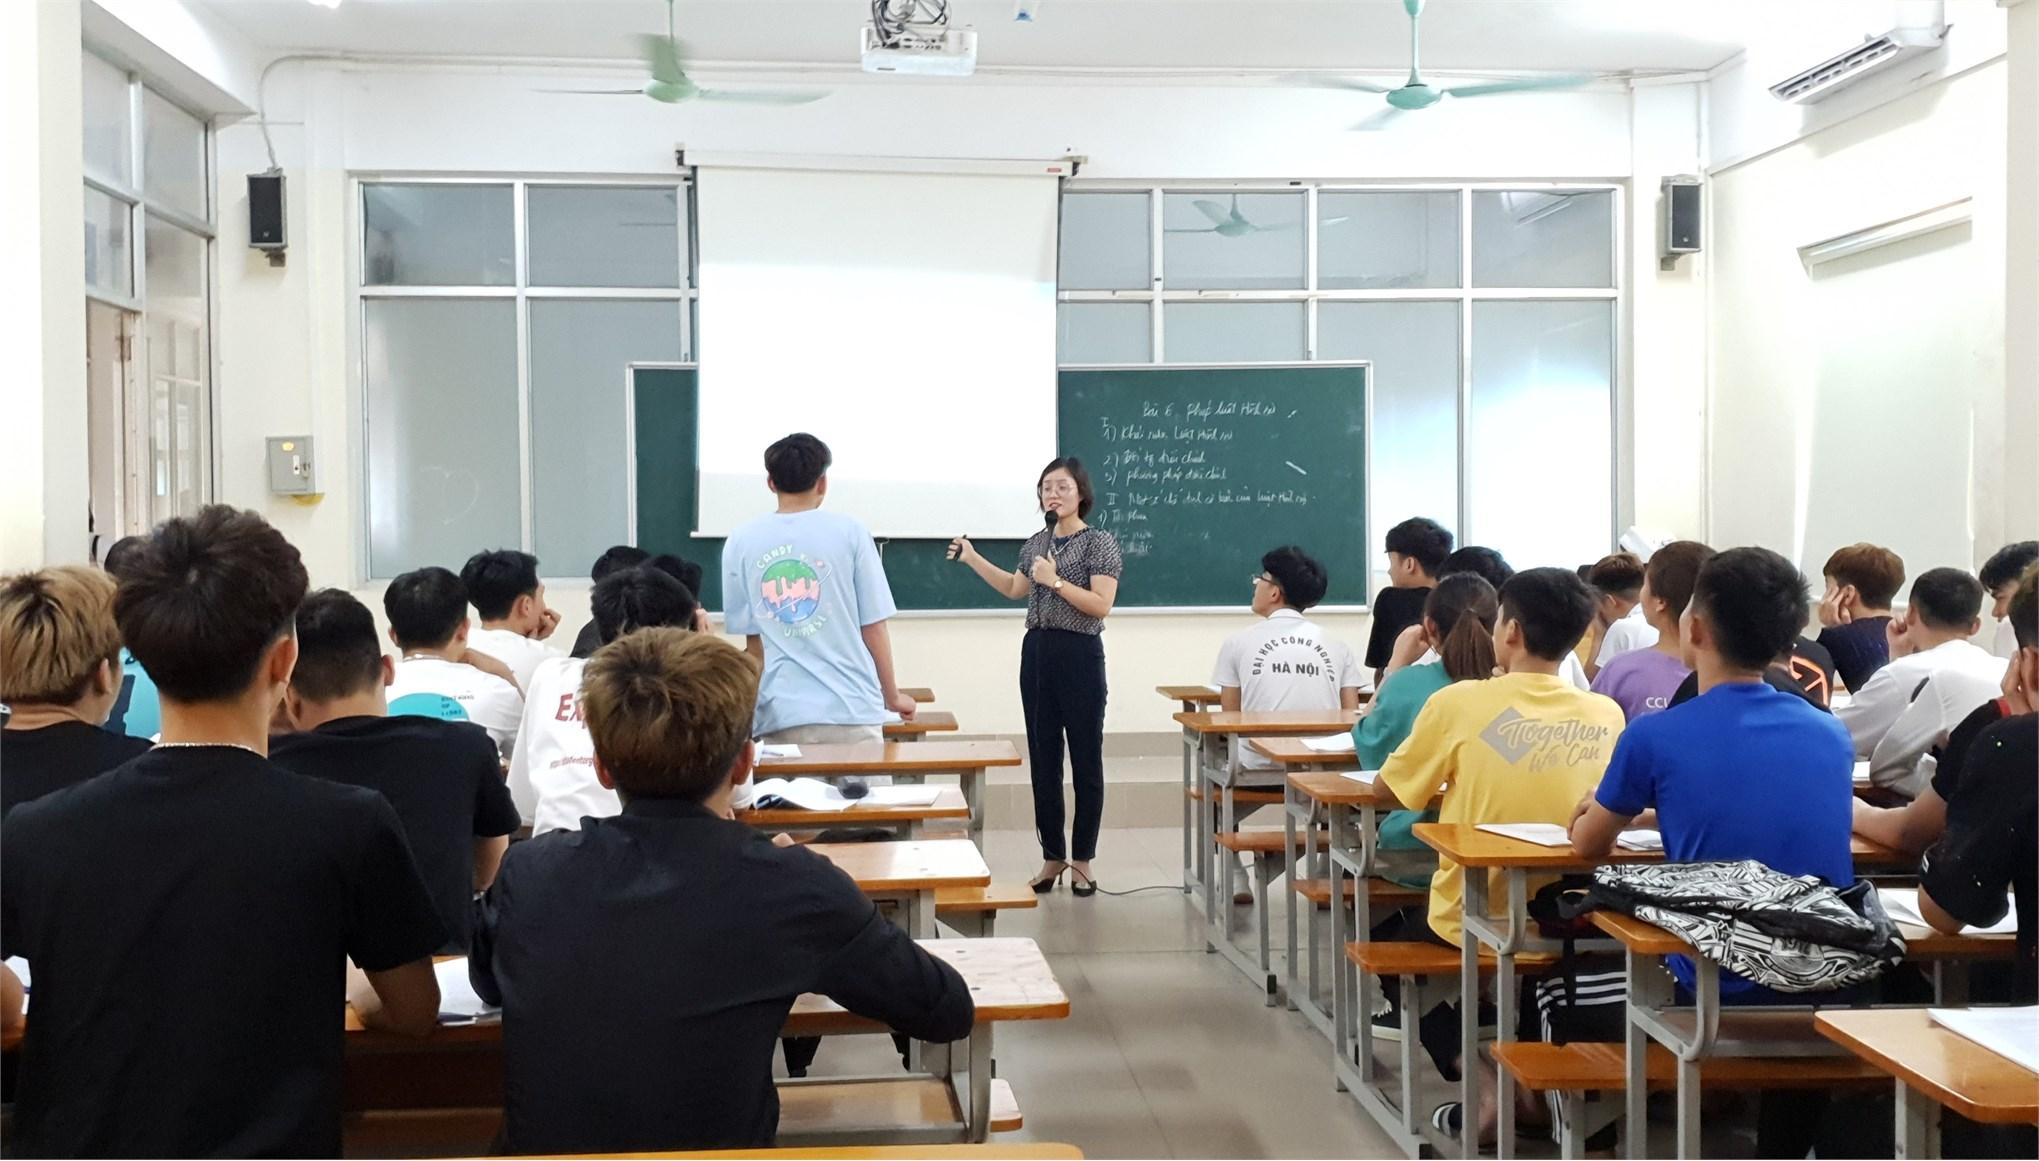 Hội thi giảng viên giỏi nghiệp vụ sư phạm cấp bộ môn Khoa Lý luận Chính trị - Pháp luật năm học 2020 - 2021